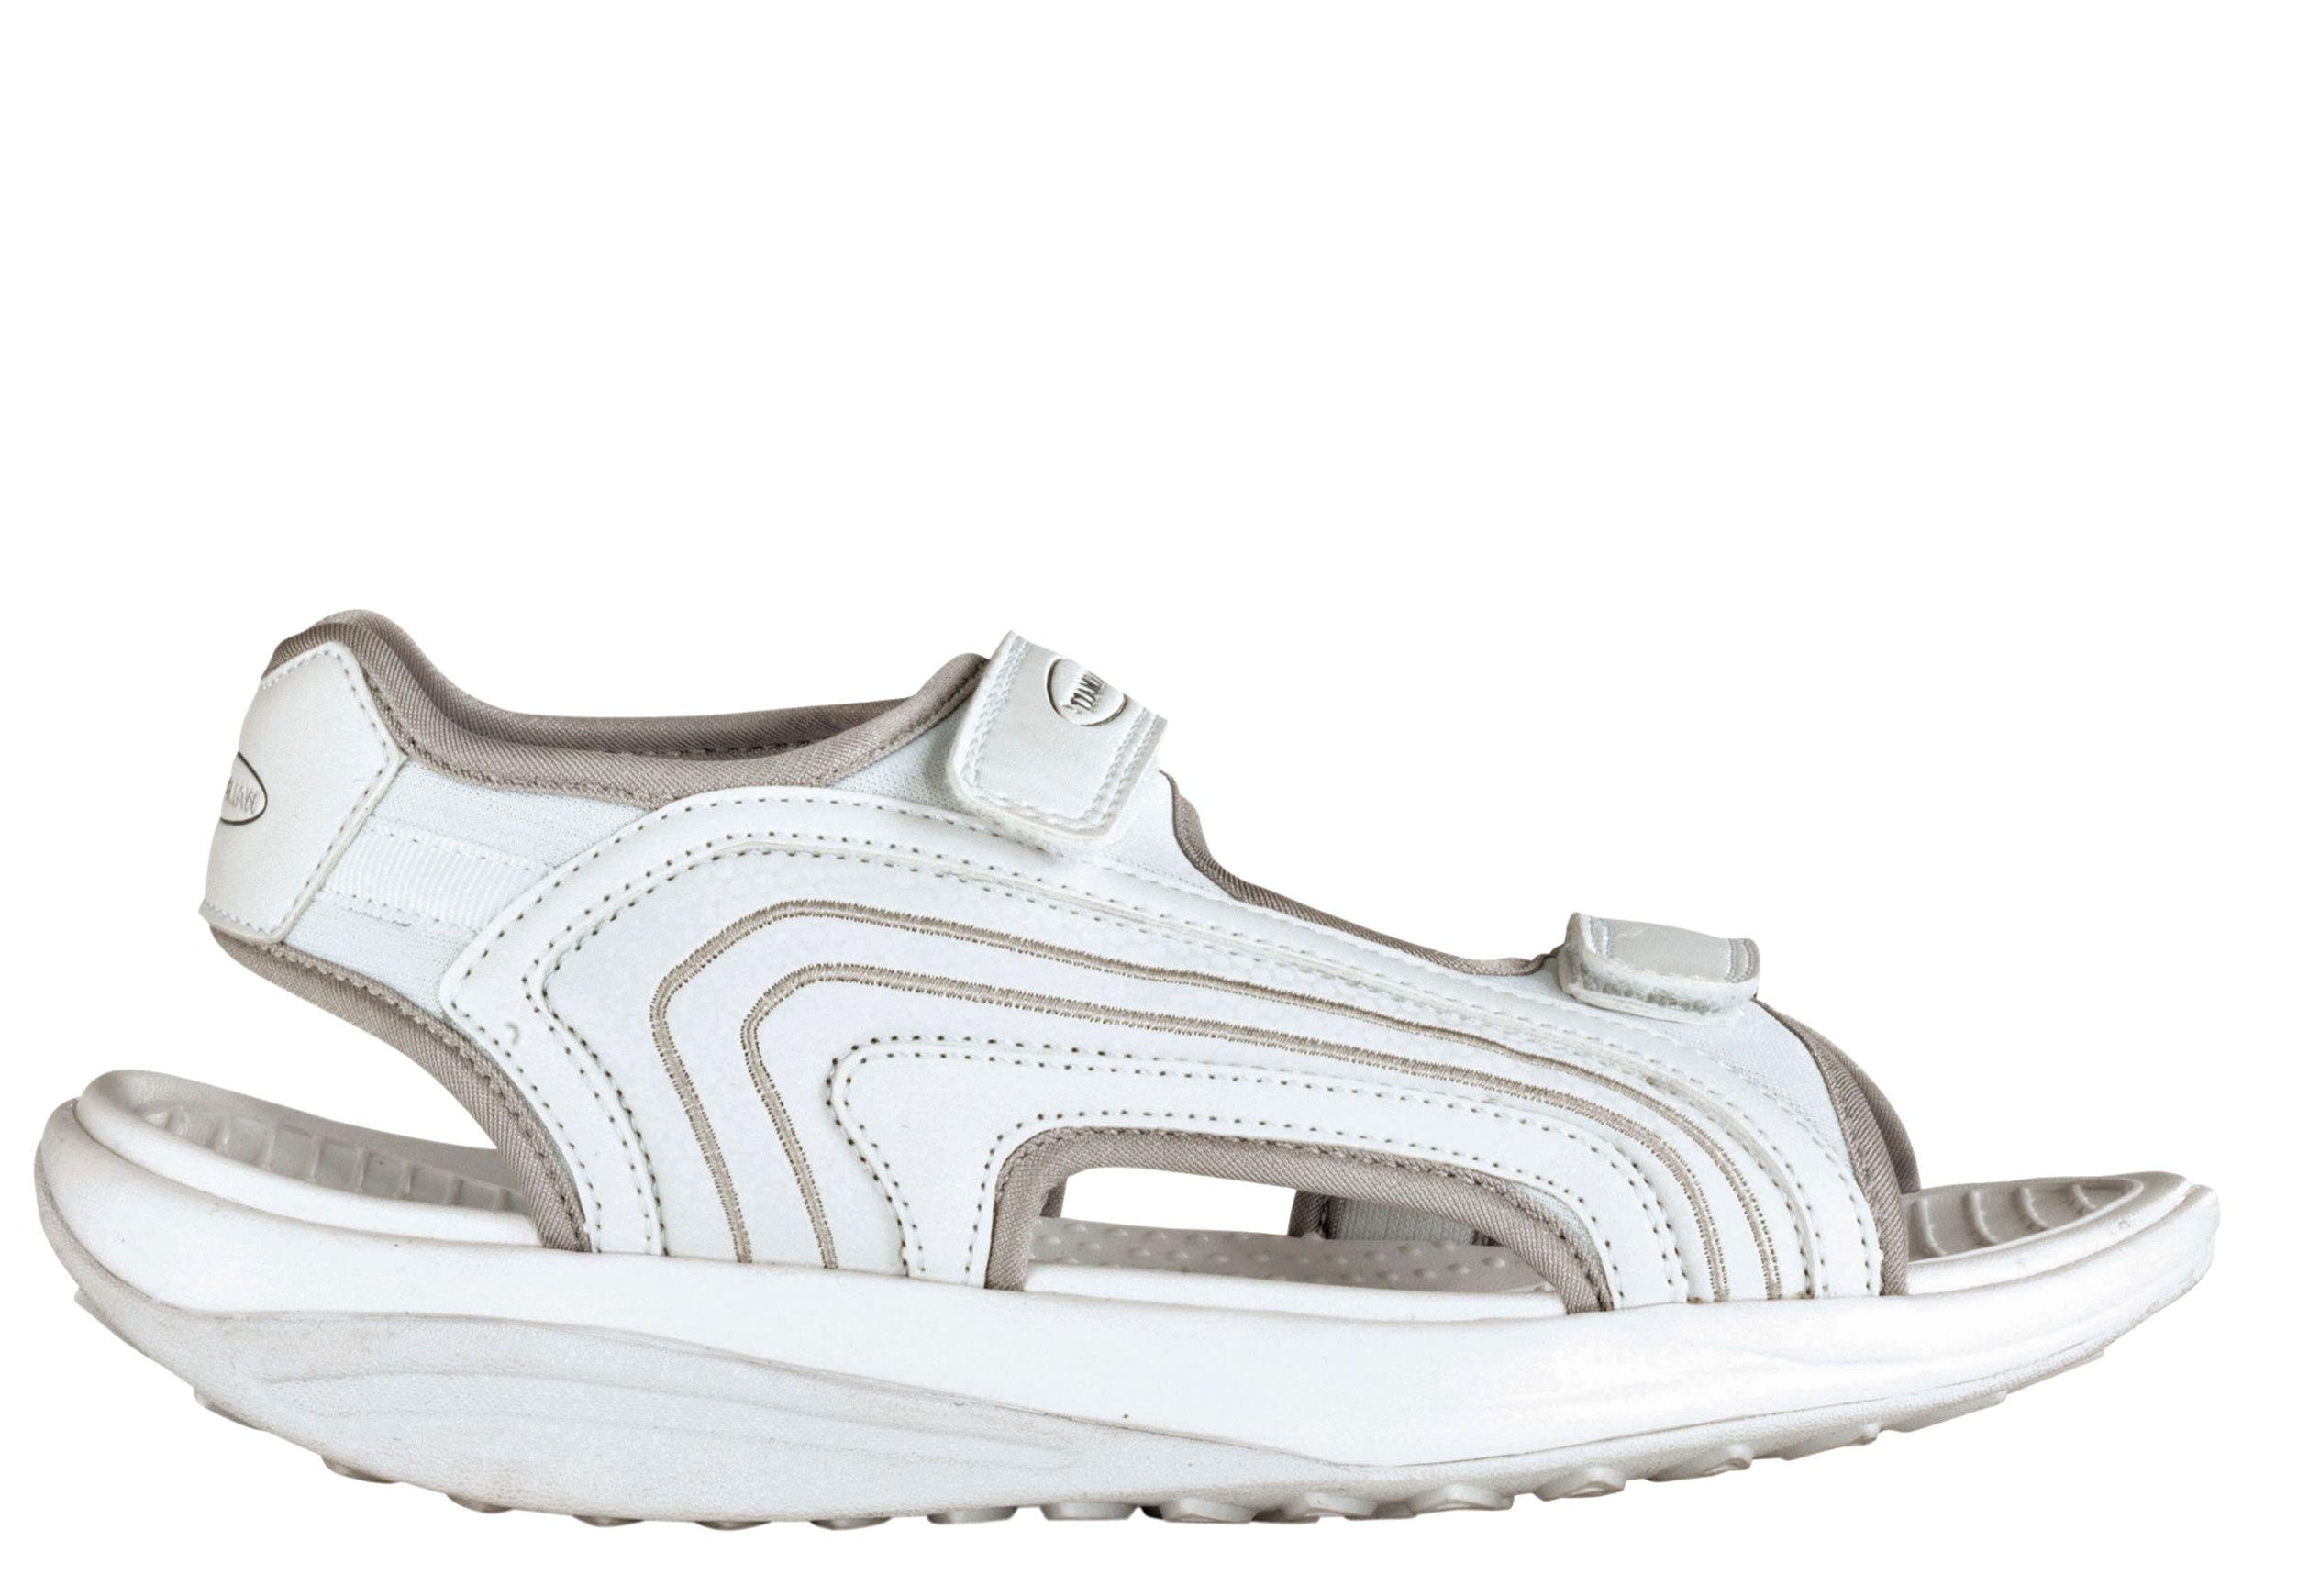 WalkMaxx Sandale, weiß Größe: 44 jetzt bei Weltbild.at bestellen